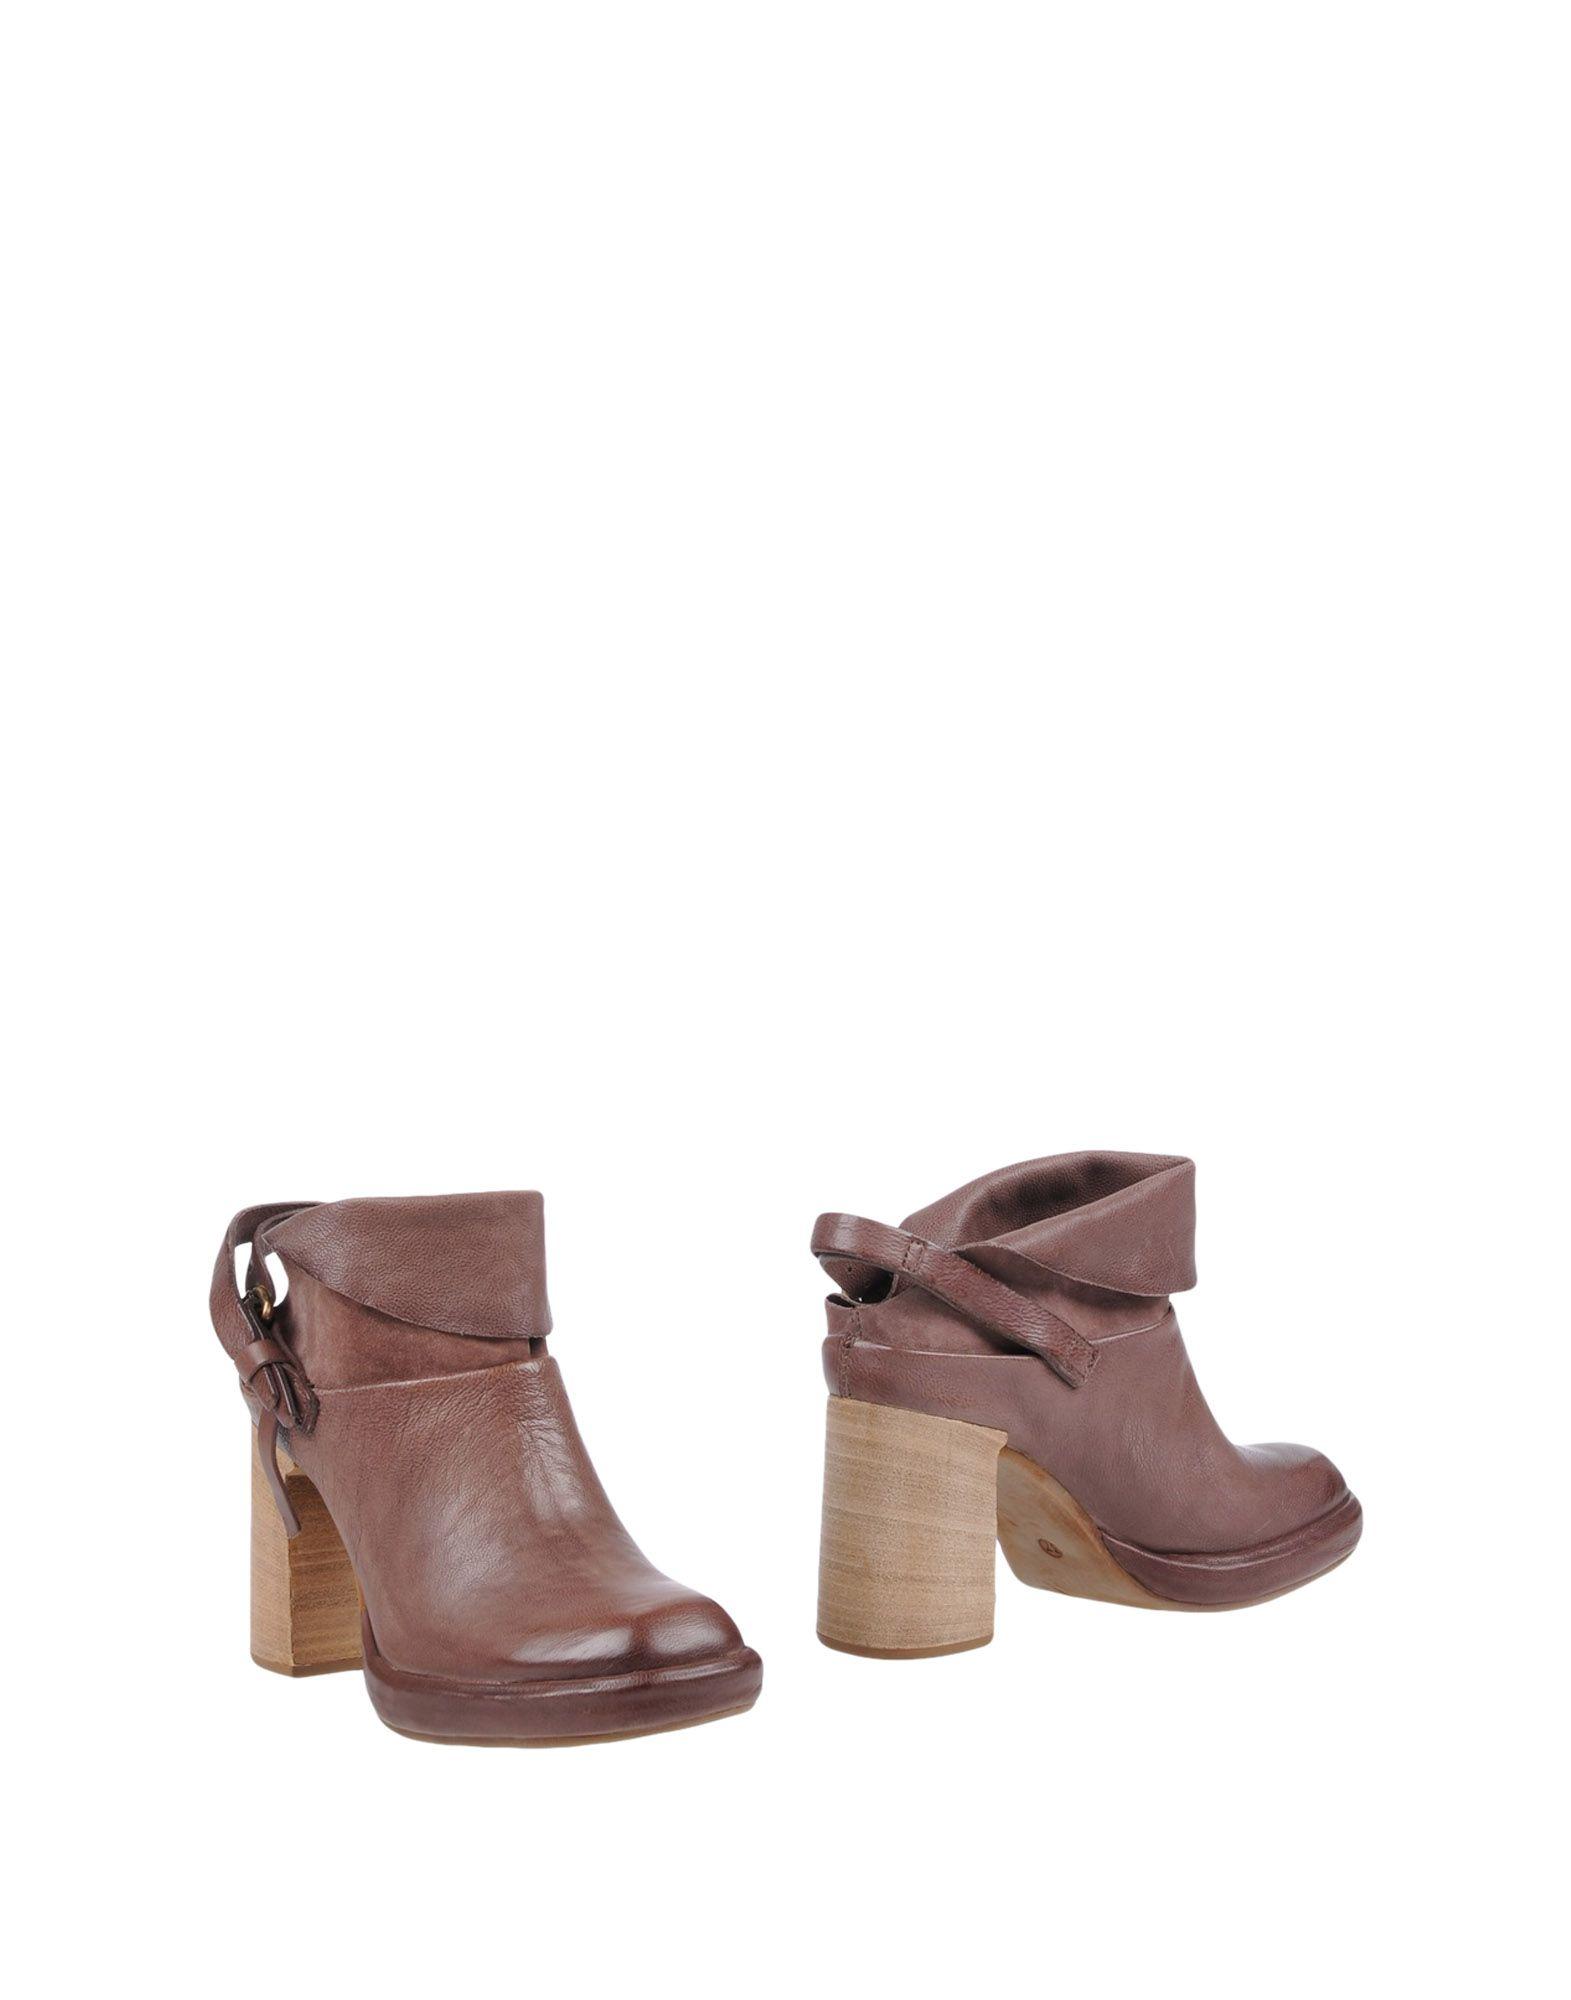 A.S. 98 Stiefelette Damen  11452243IH Gute Qualität beliebte Schuhe